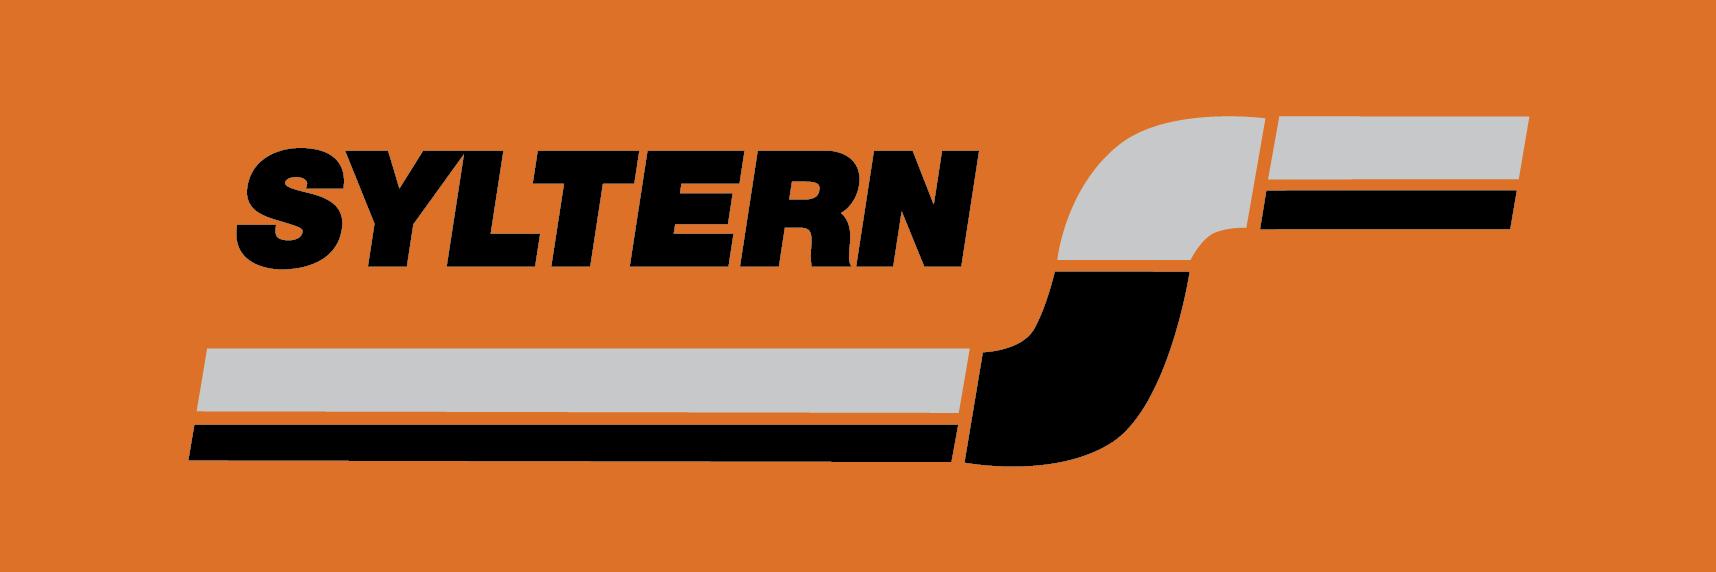 SylternLogo 2020_Oransje bunn